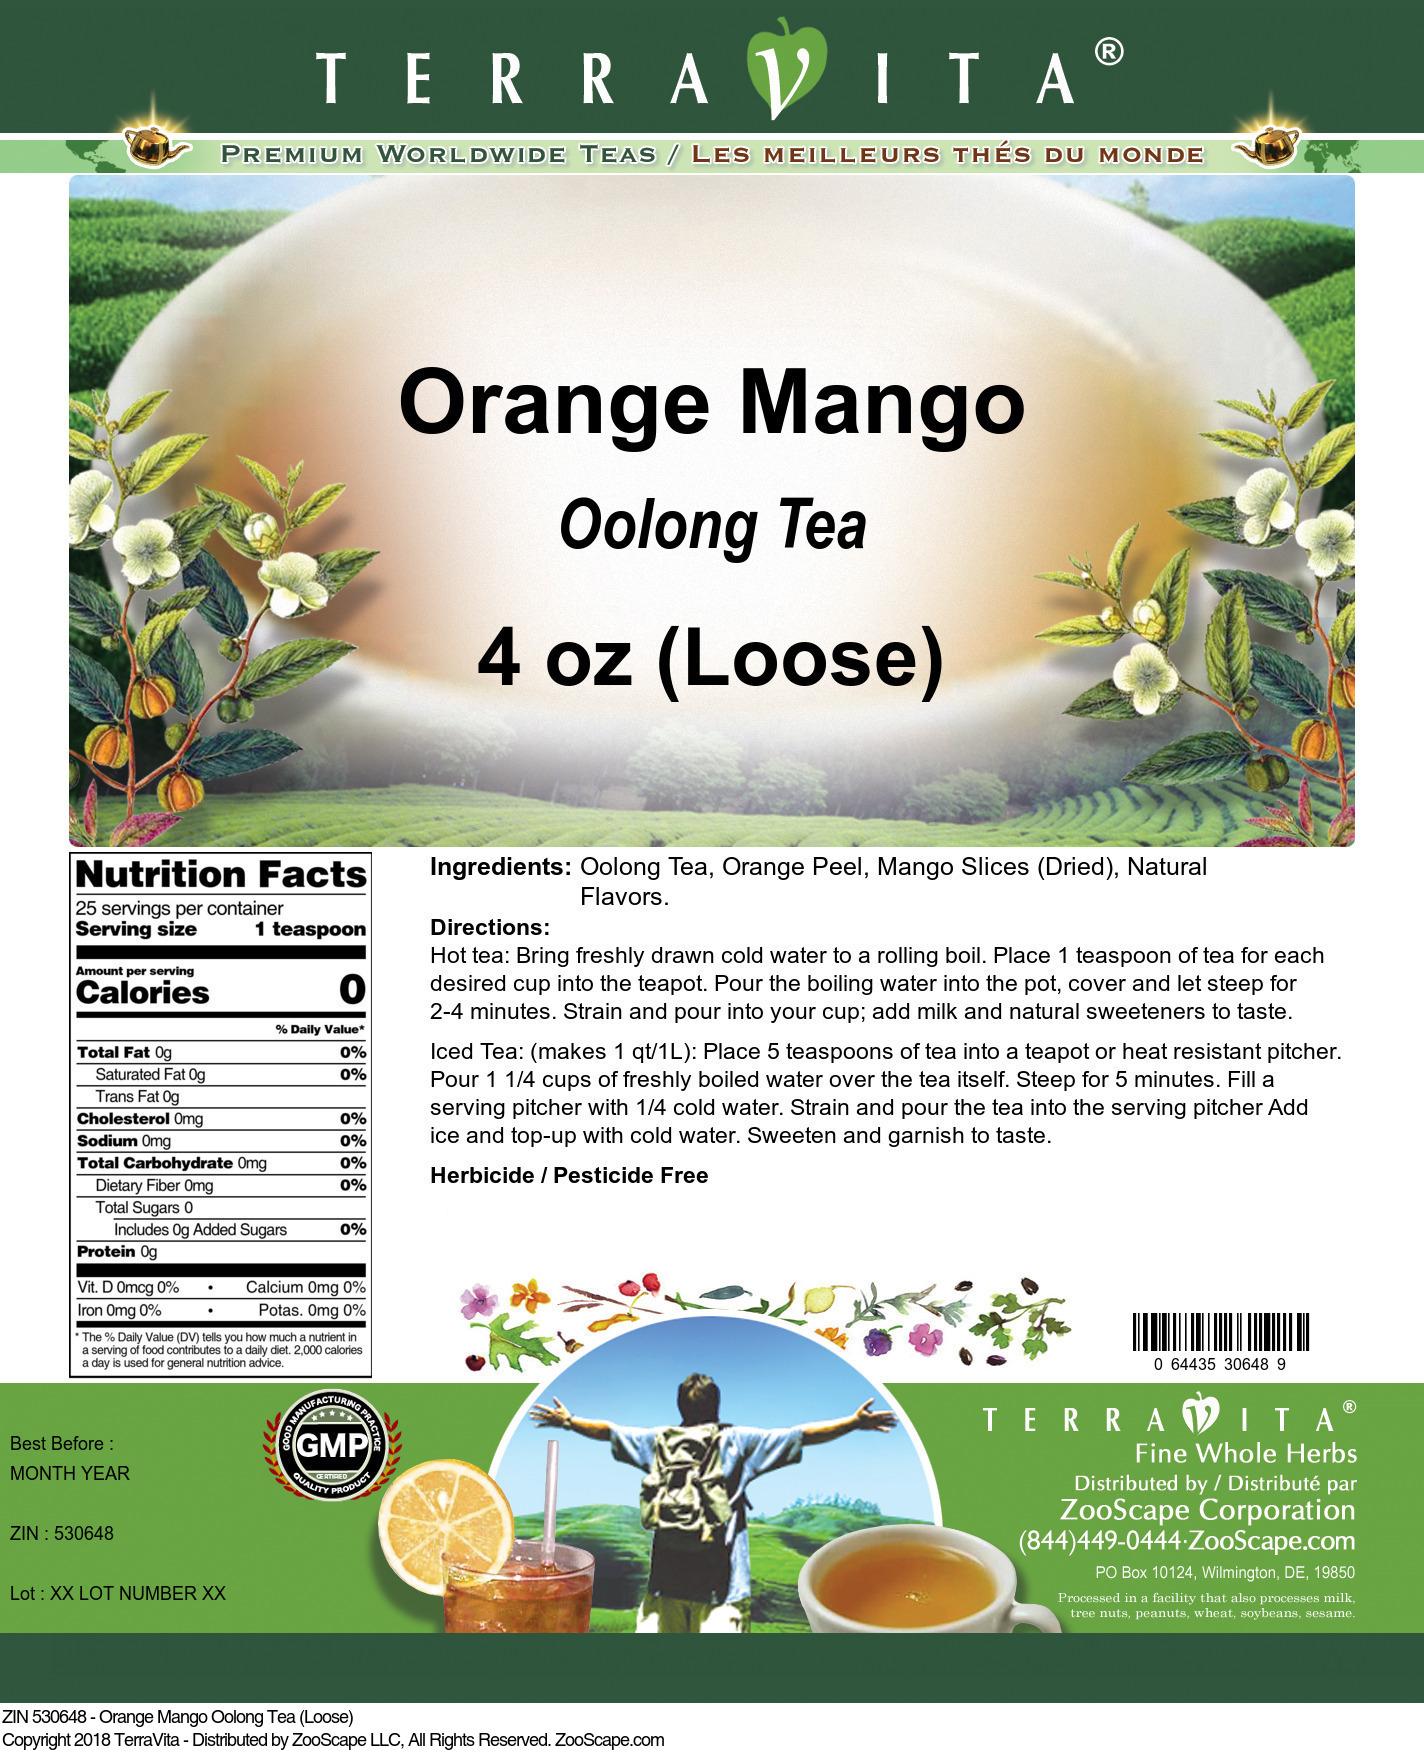 Orange Mango Oolong Tea